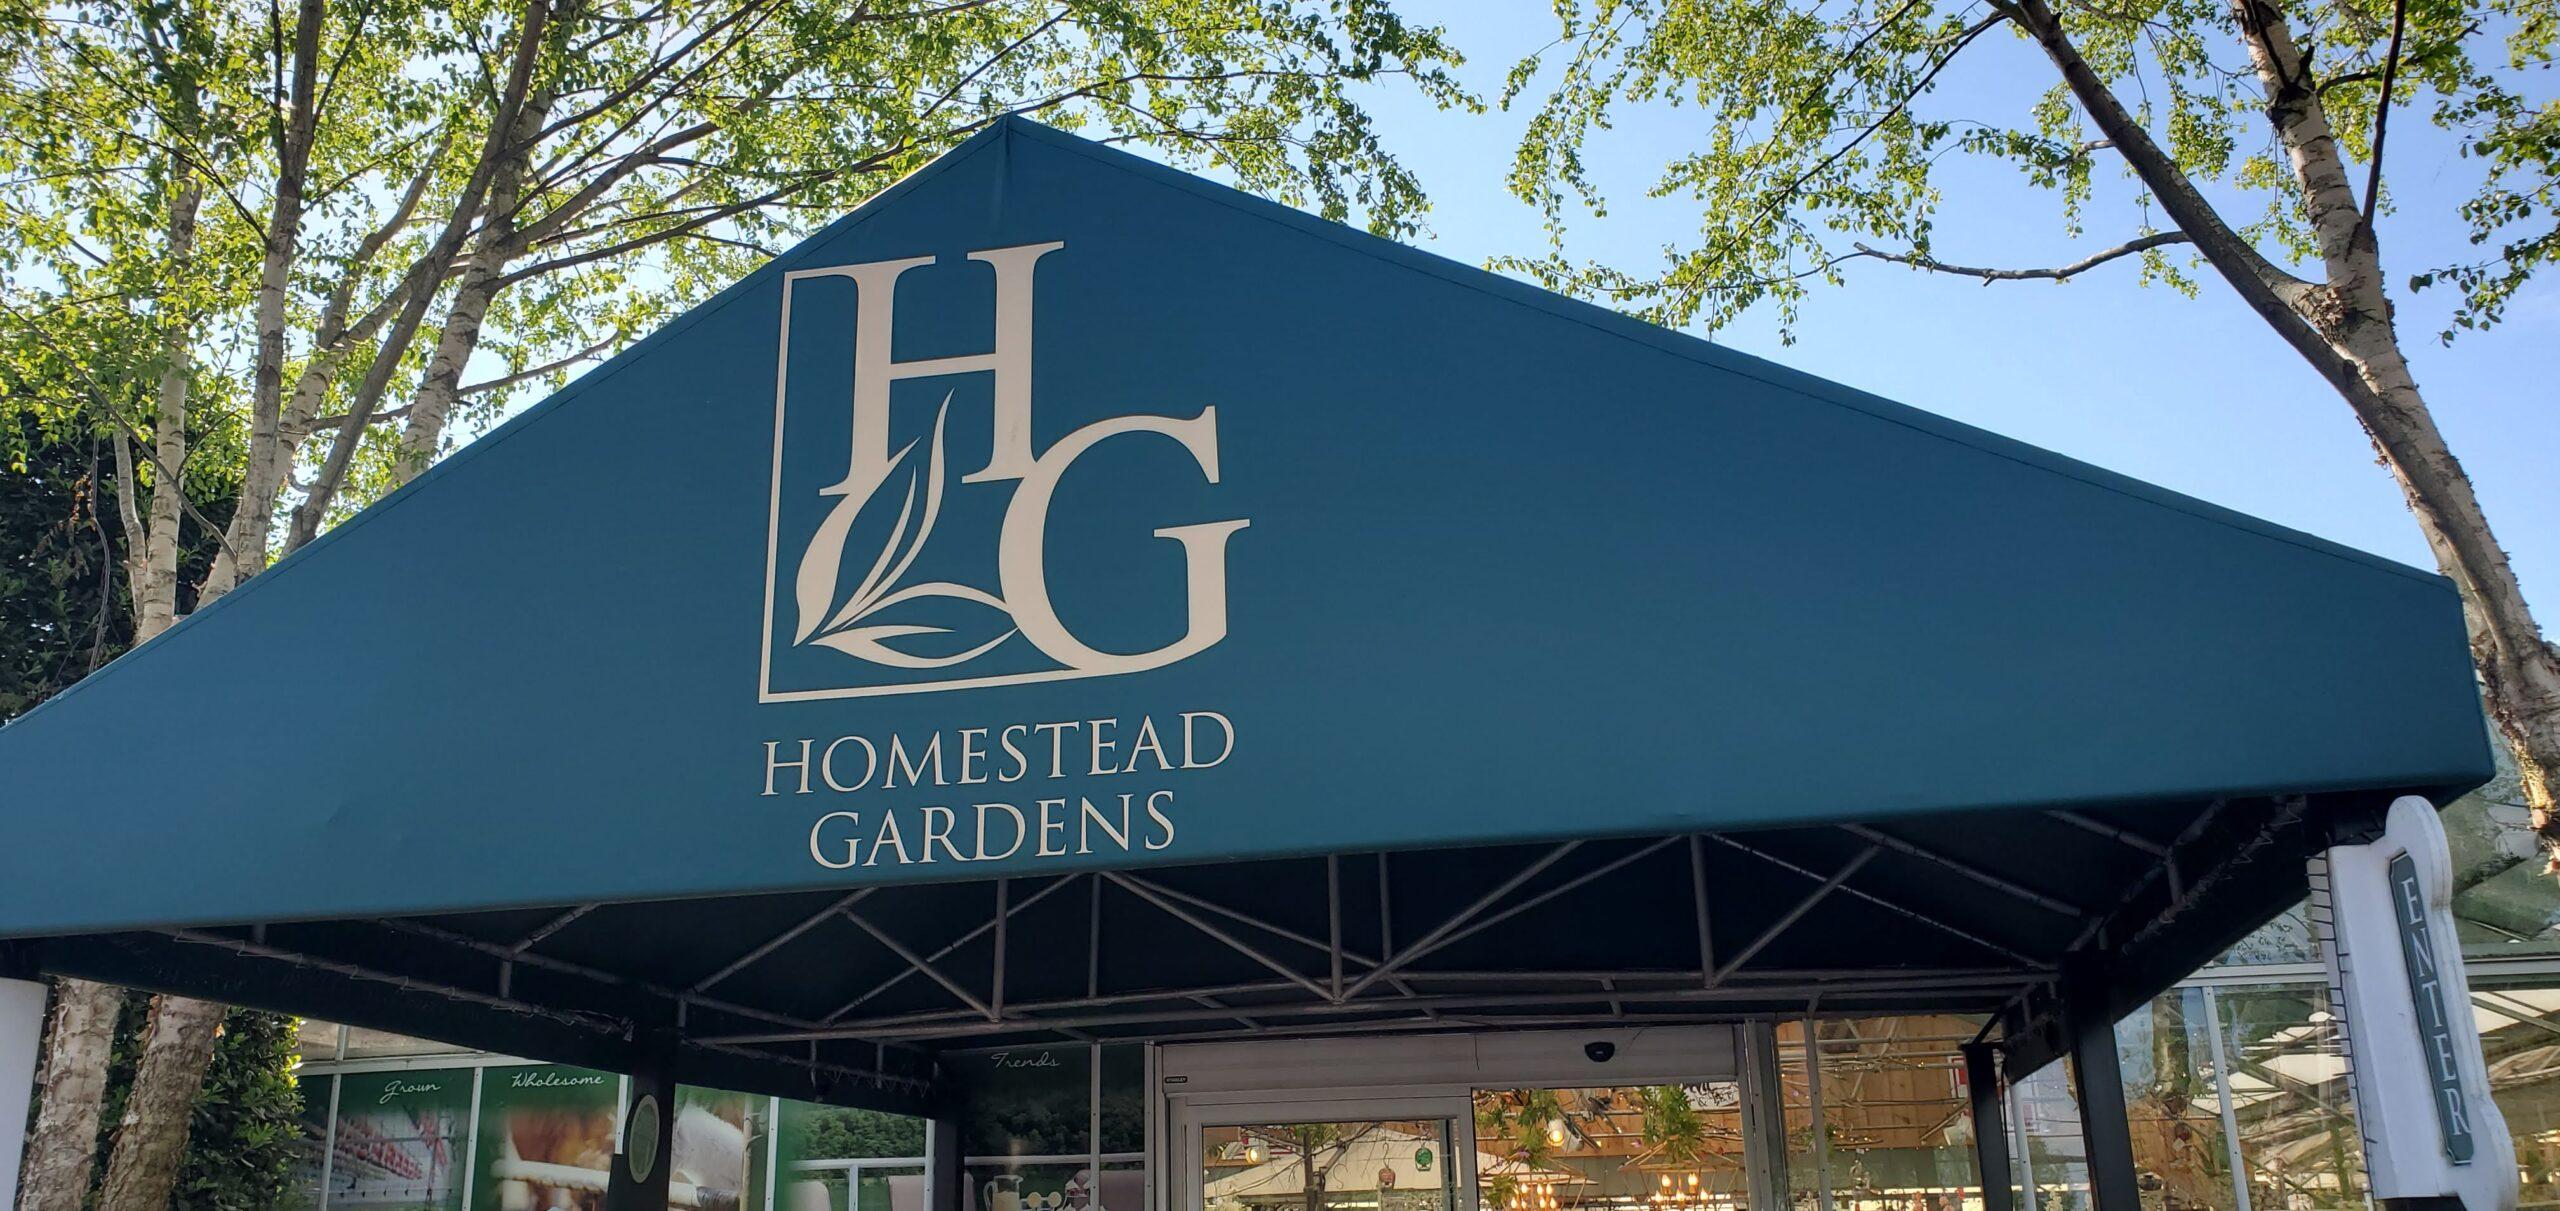 Homestead Gardens entrance Sign